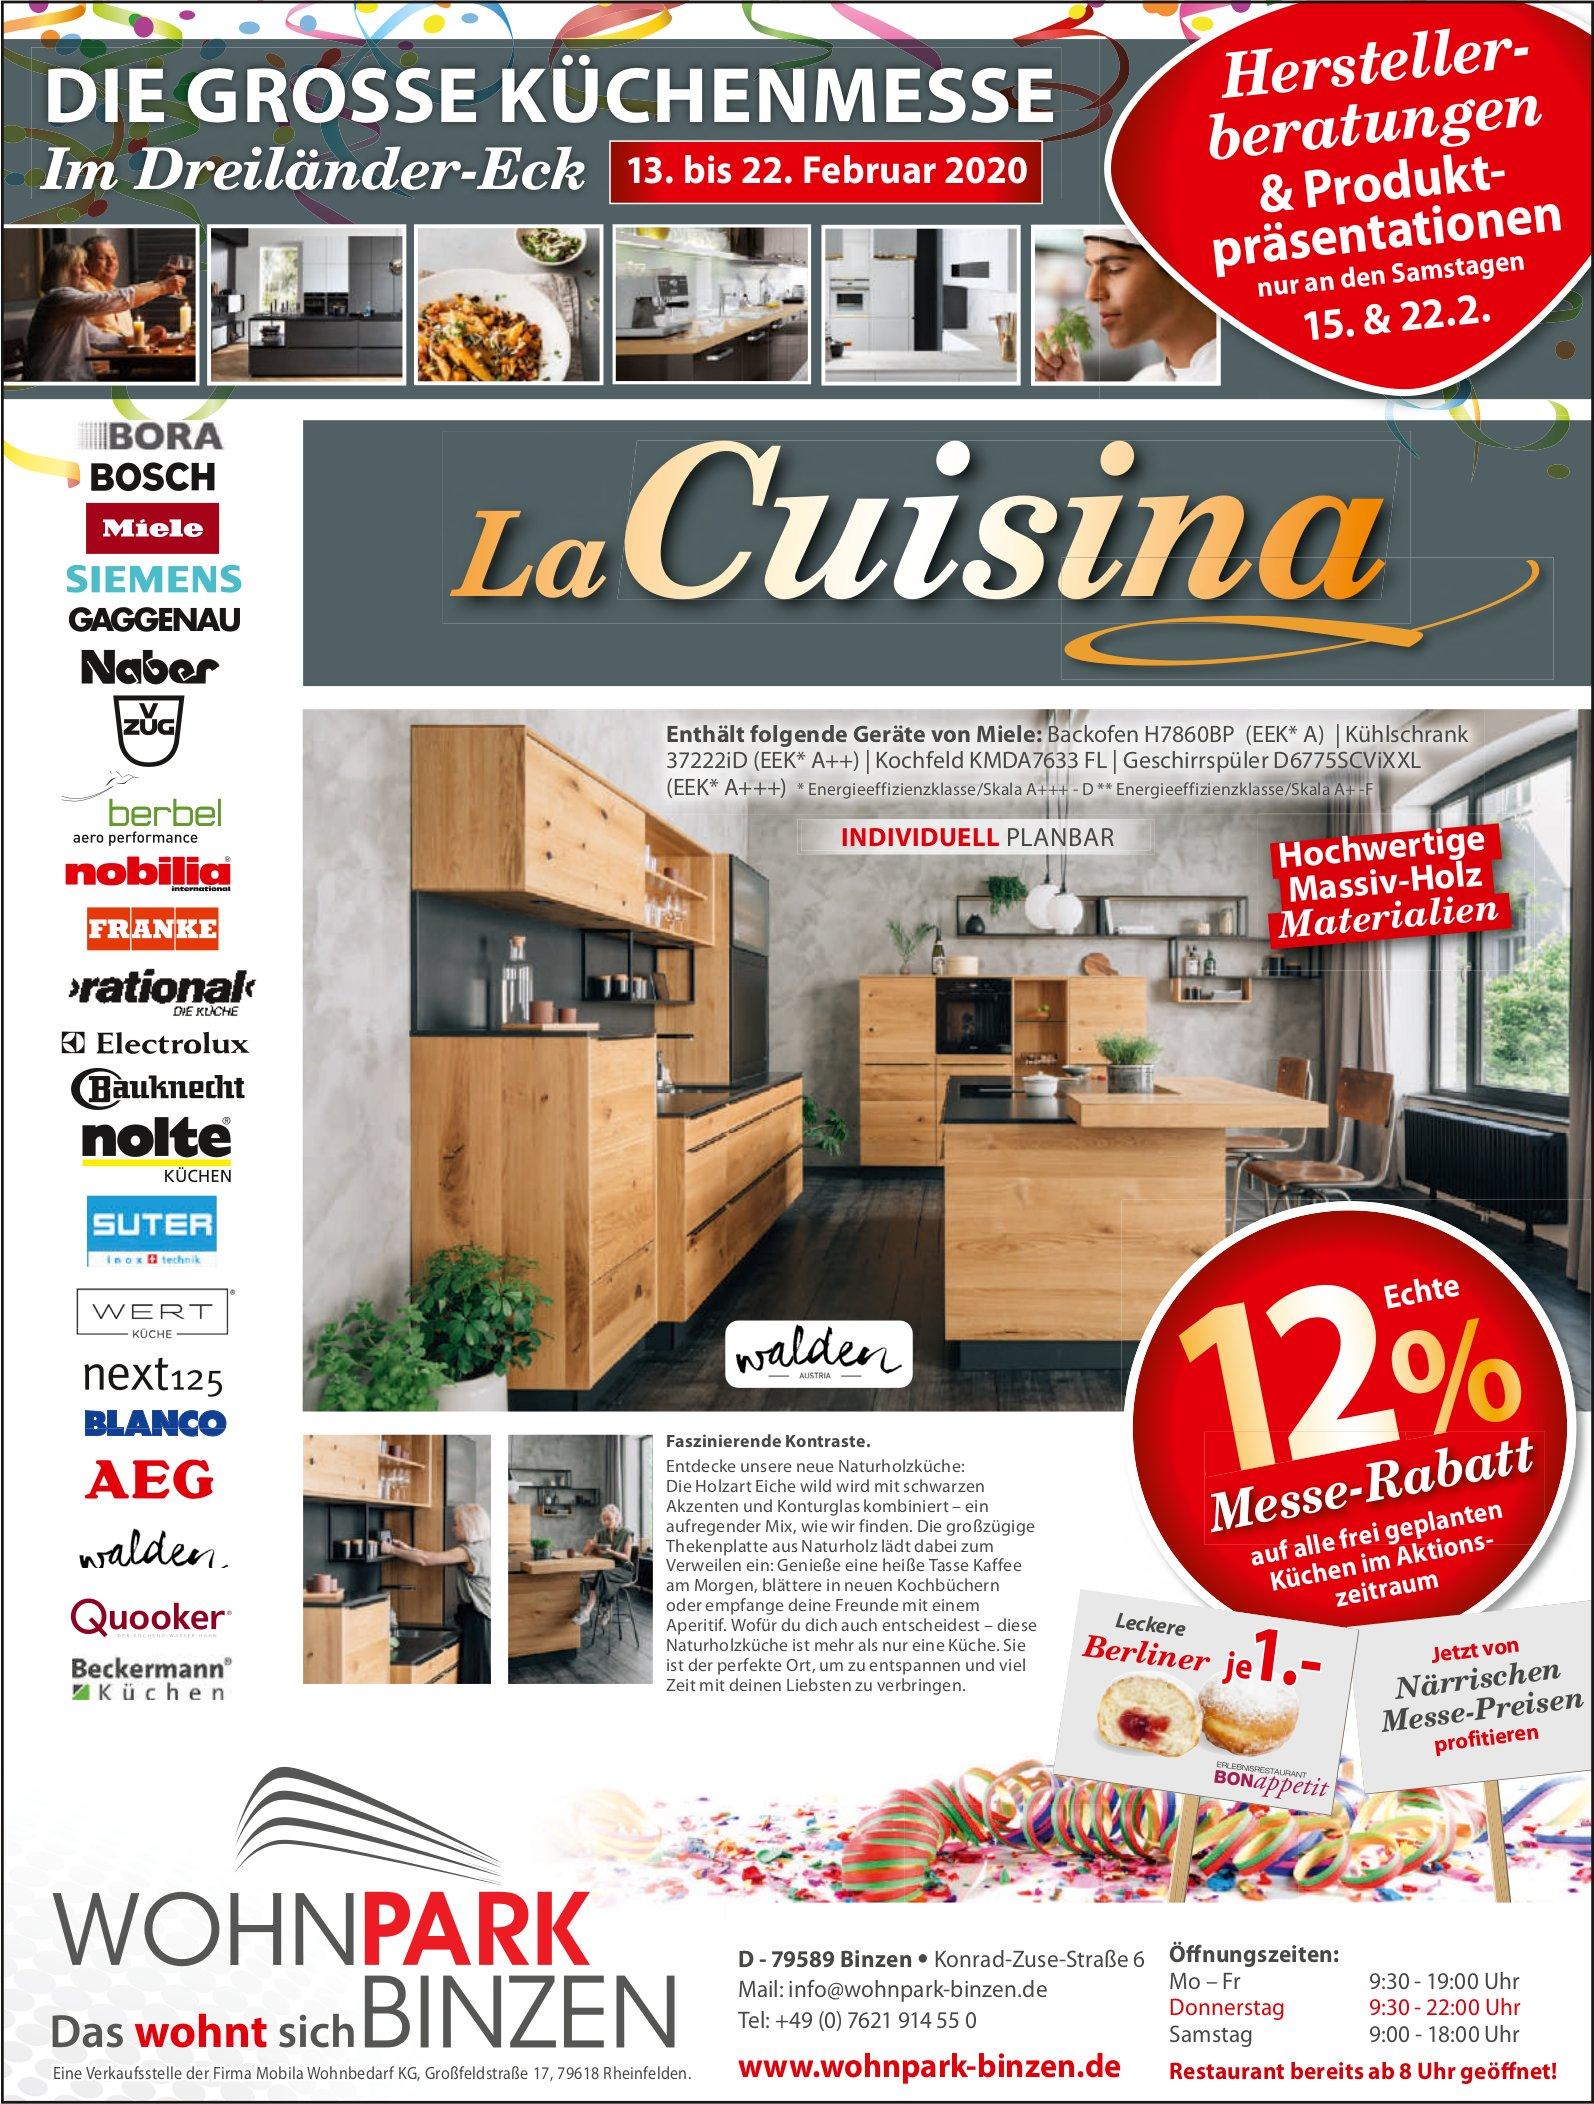 La Cuisina, die grosse Küchenmesse, 13. bis 22. Februar, Wohnpark Binzen, Rheinfelden